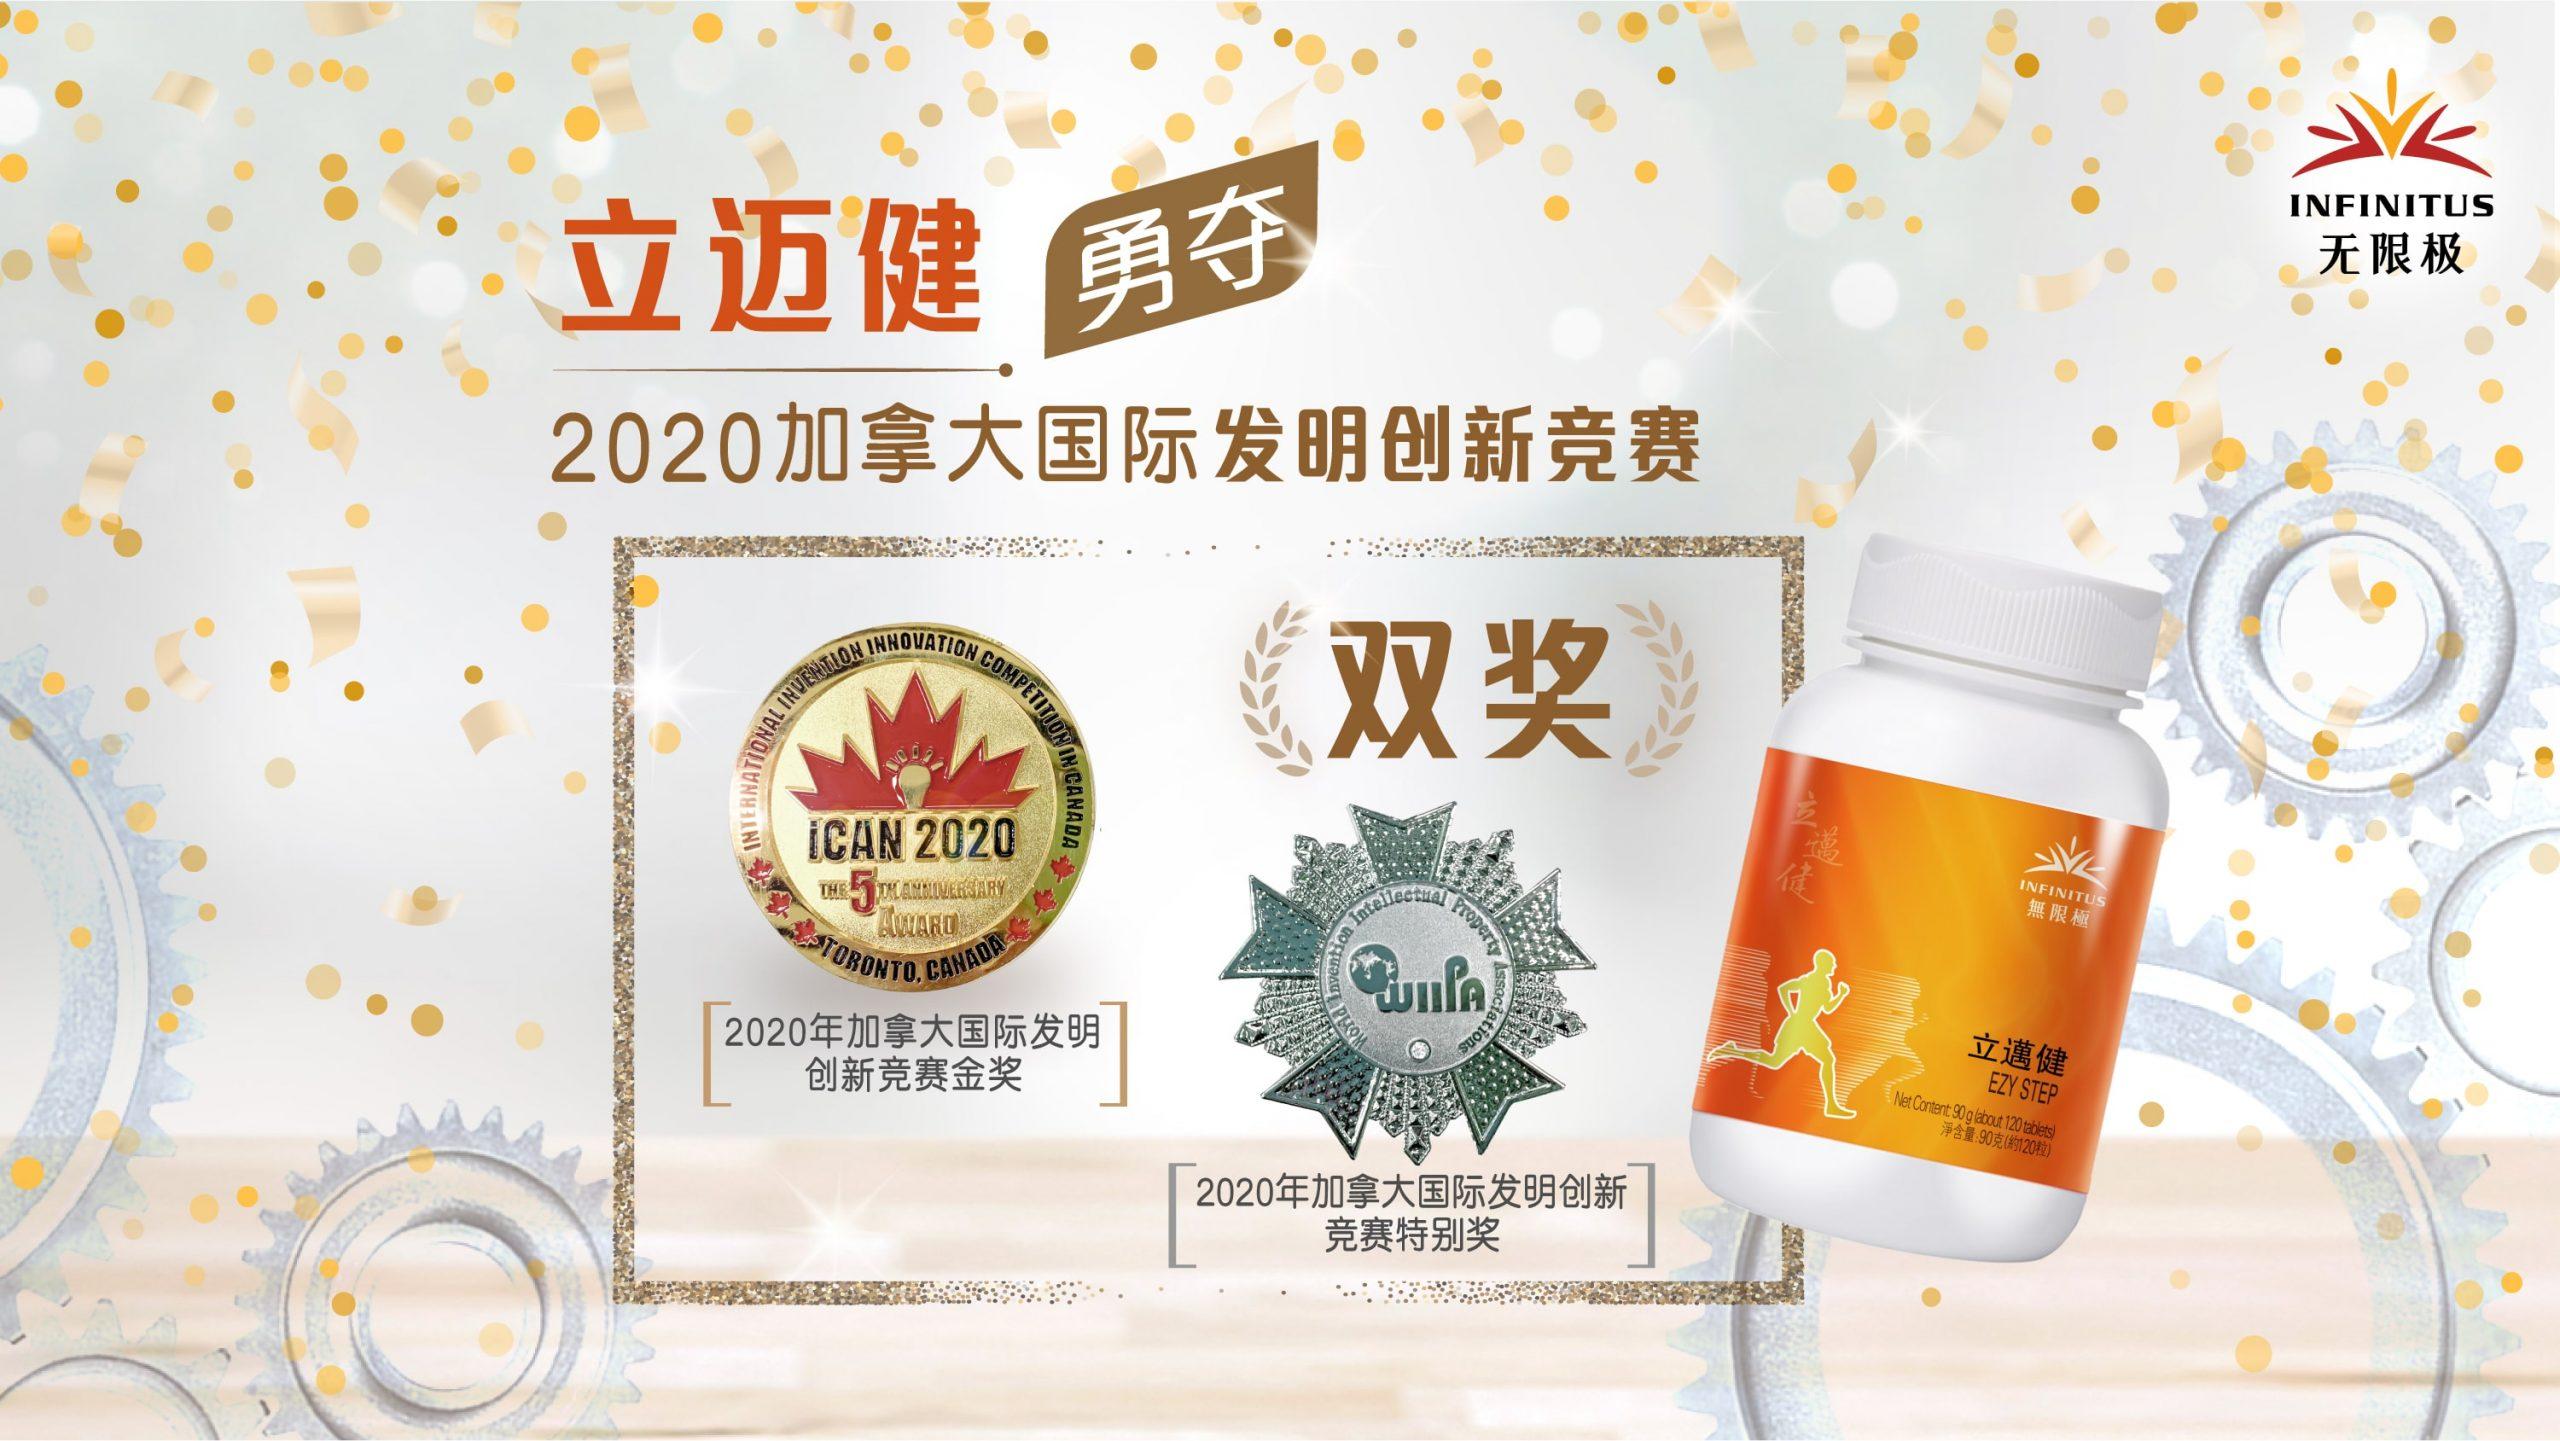 立迈健获2020年加拿大国际发明创新竞赛金奖和特别奖